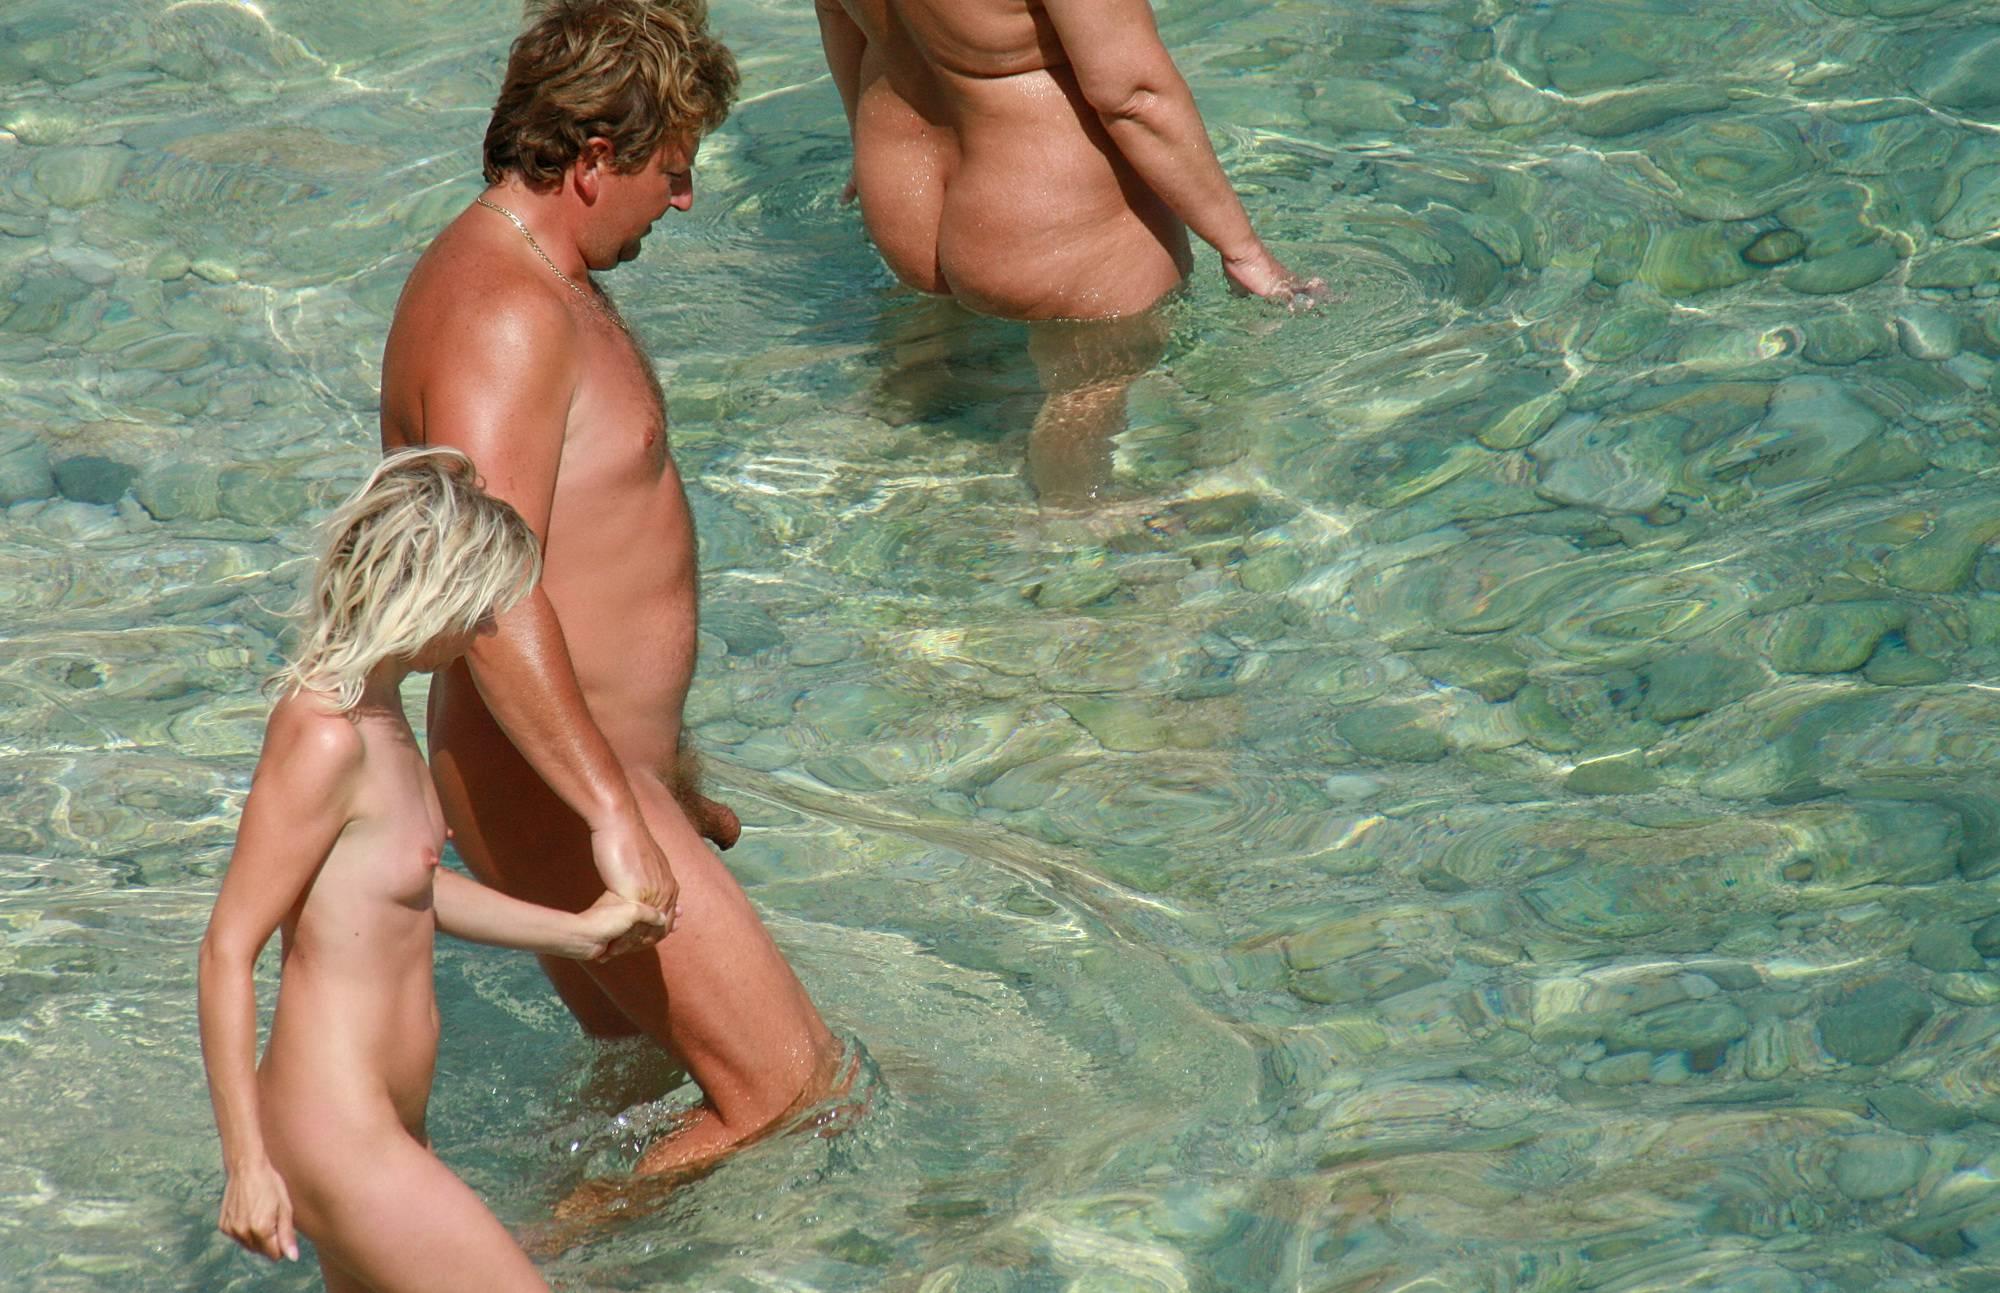 Pure Nudism Gallery Crystal Sea Crystal Sand - 1